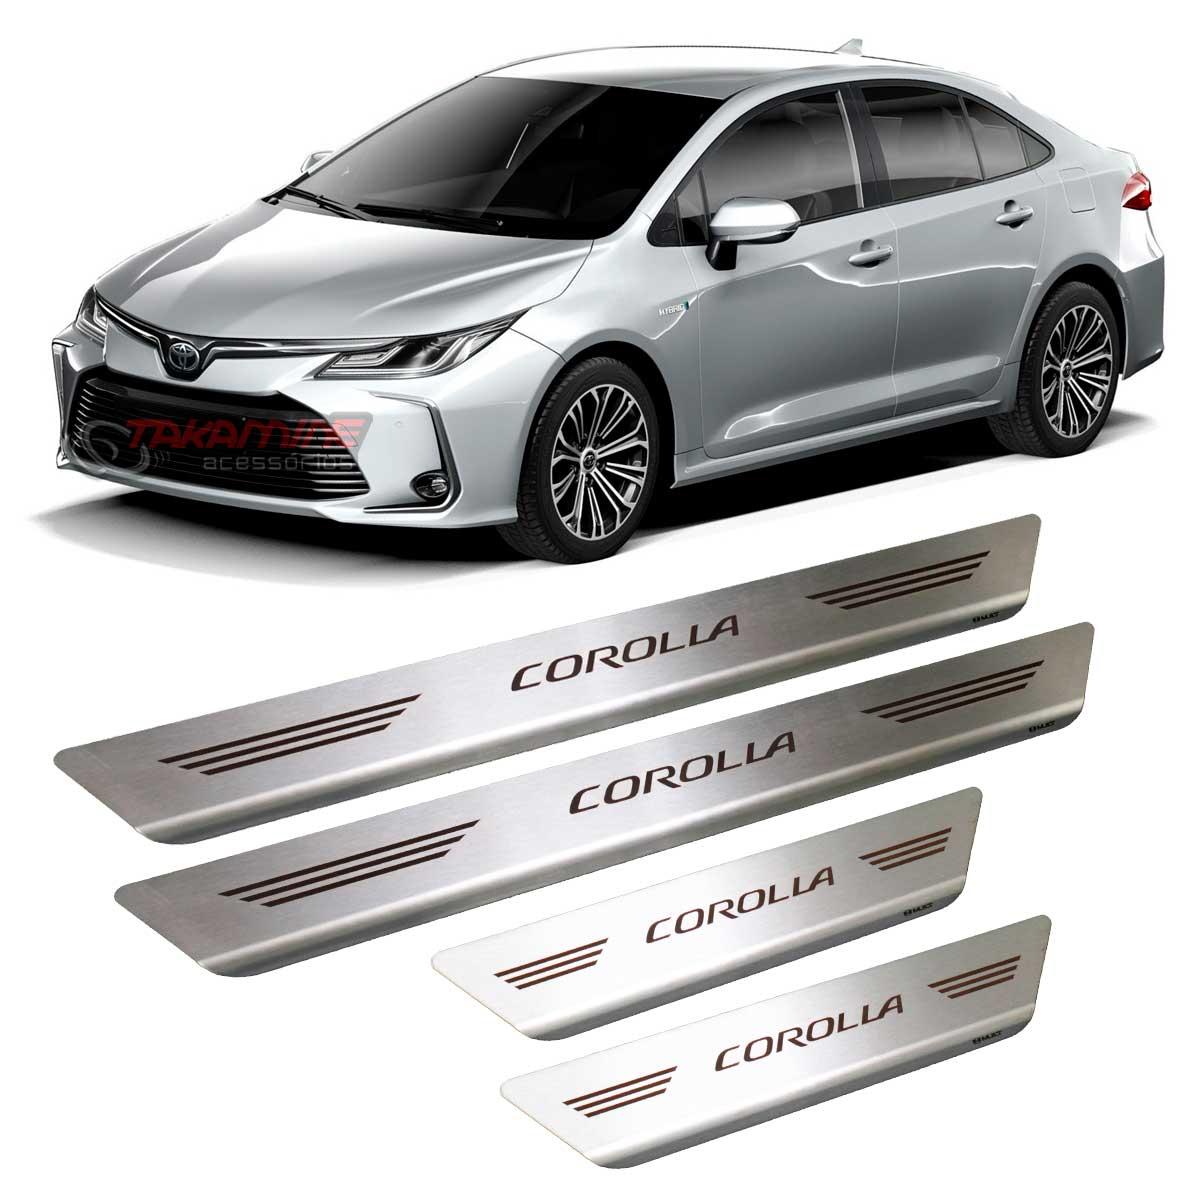 Soleira Corolla 2020 4 portas em aço inox escovada e com gravação a laser